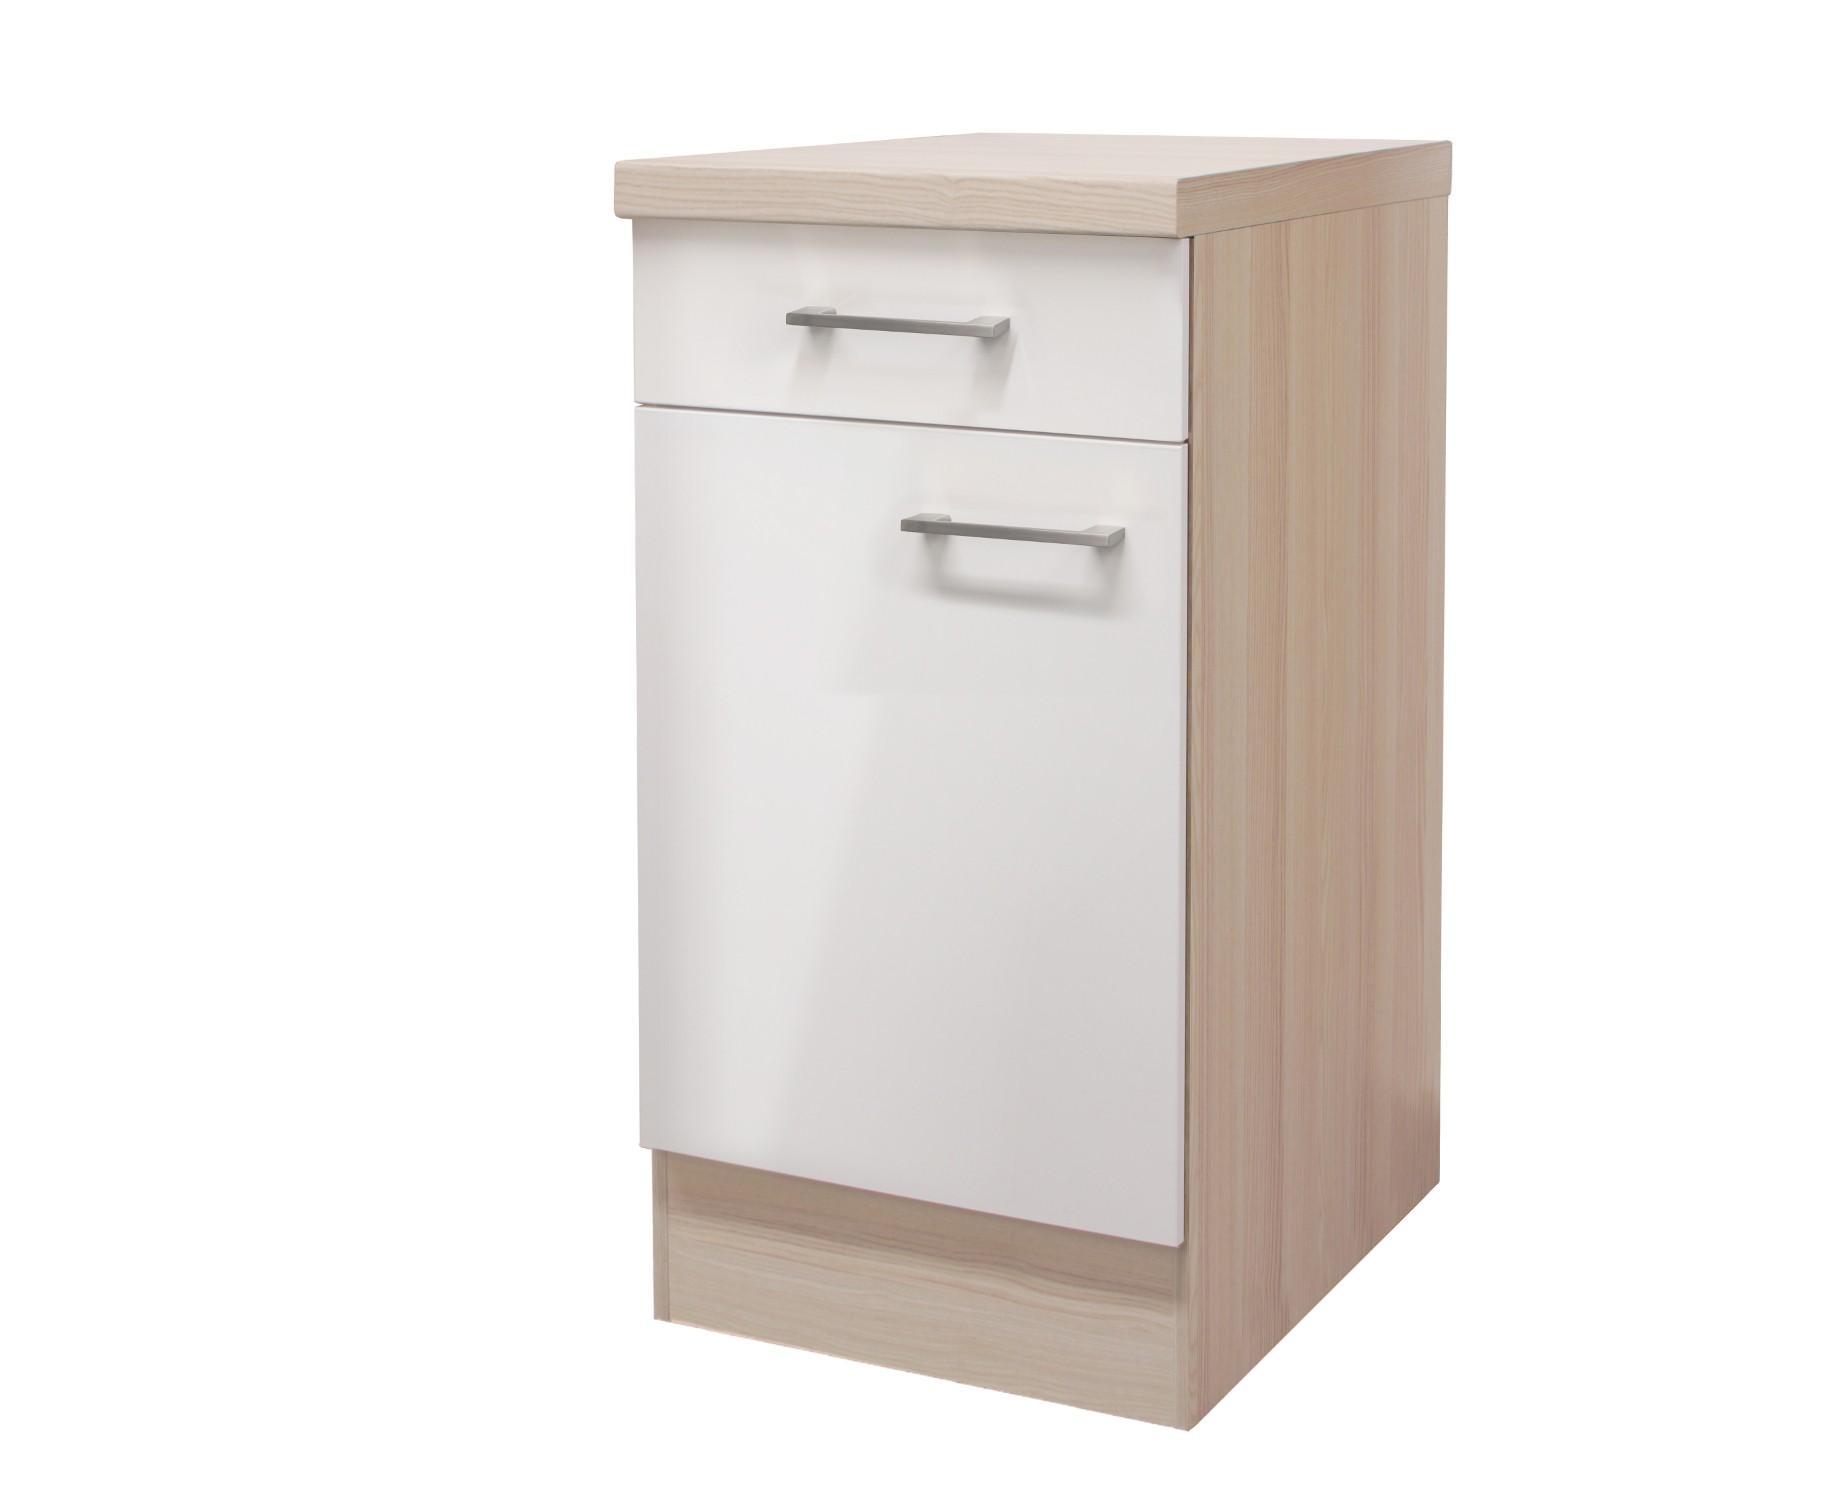 hochschrank küche 40 cm breit   apothekerschrank 40 cm